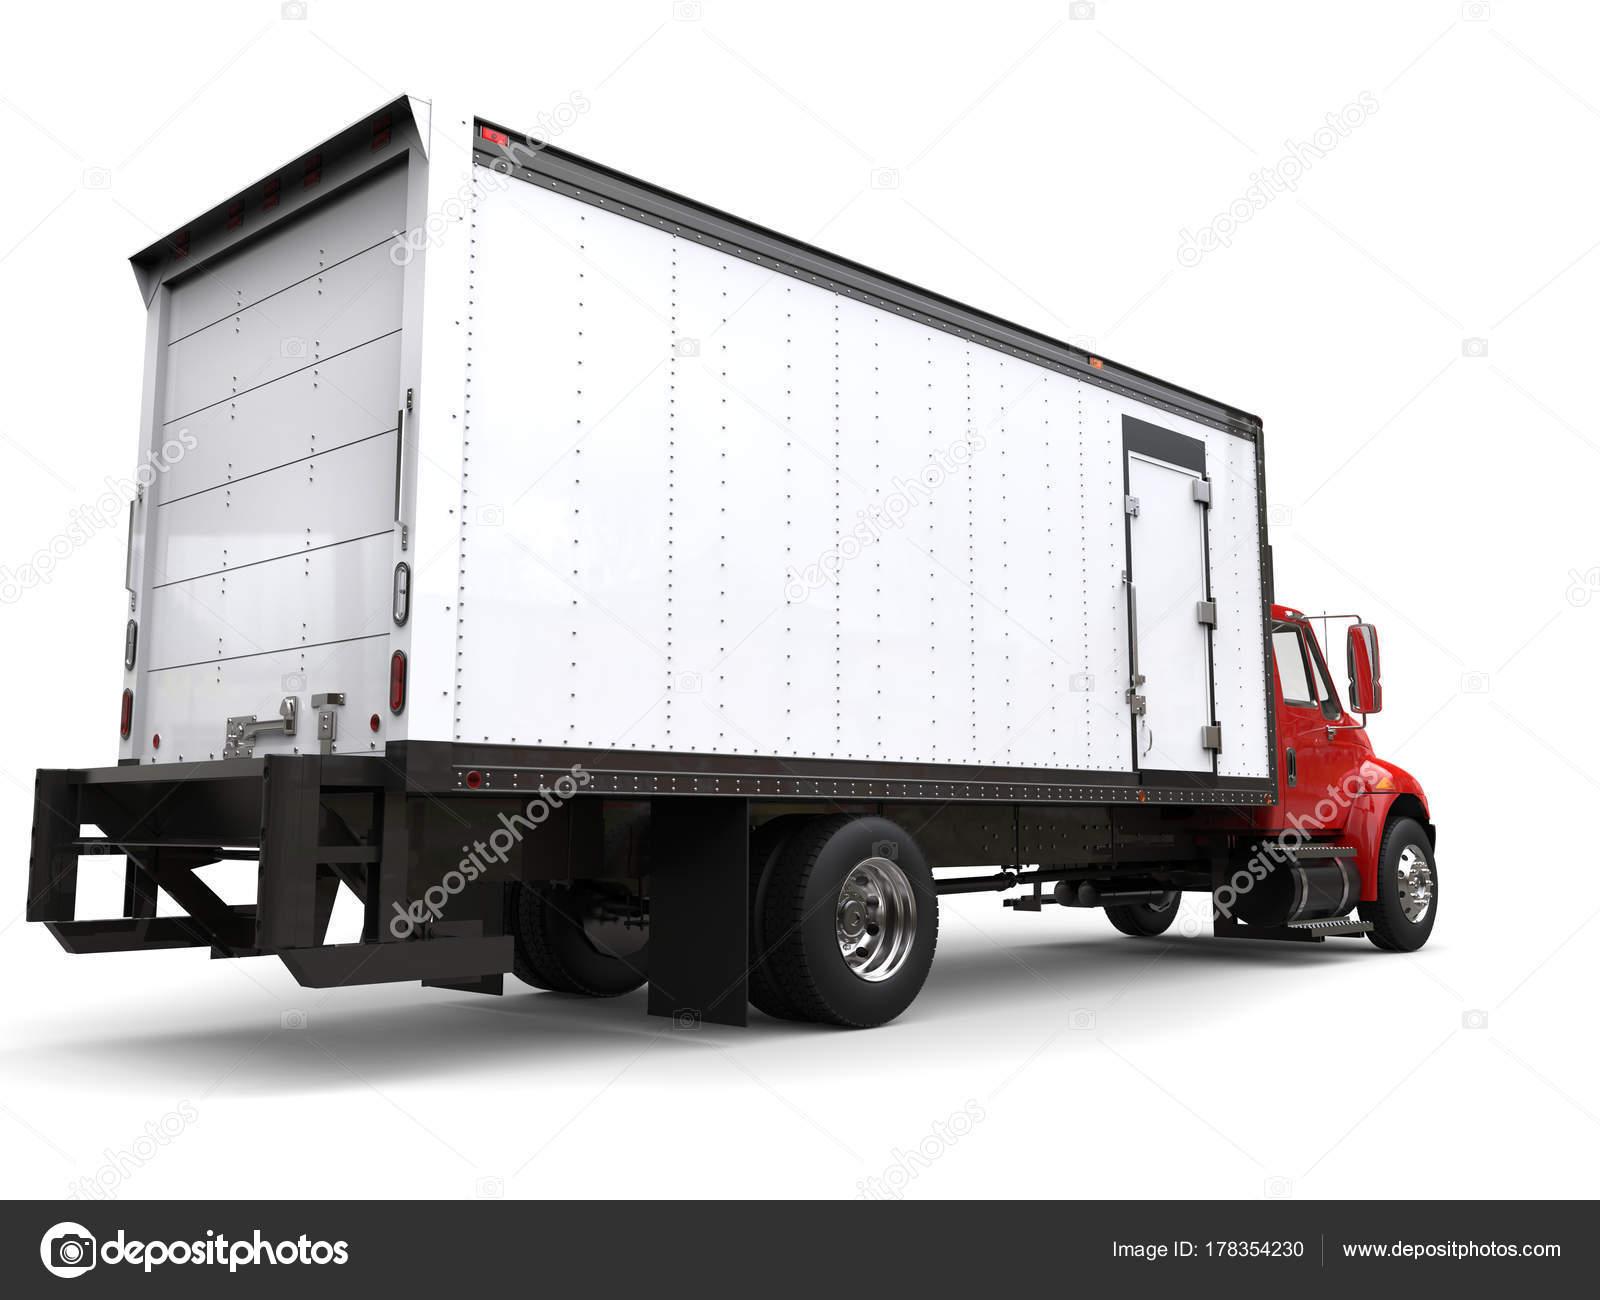 Kühlschrank Im Auto Transportieren : Roten kühlschrank lkw rückansicht u stockfoto trimitrius